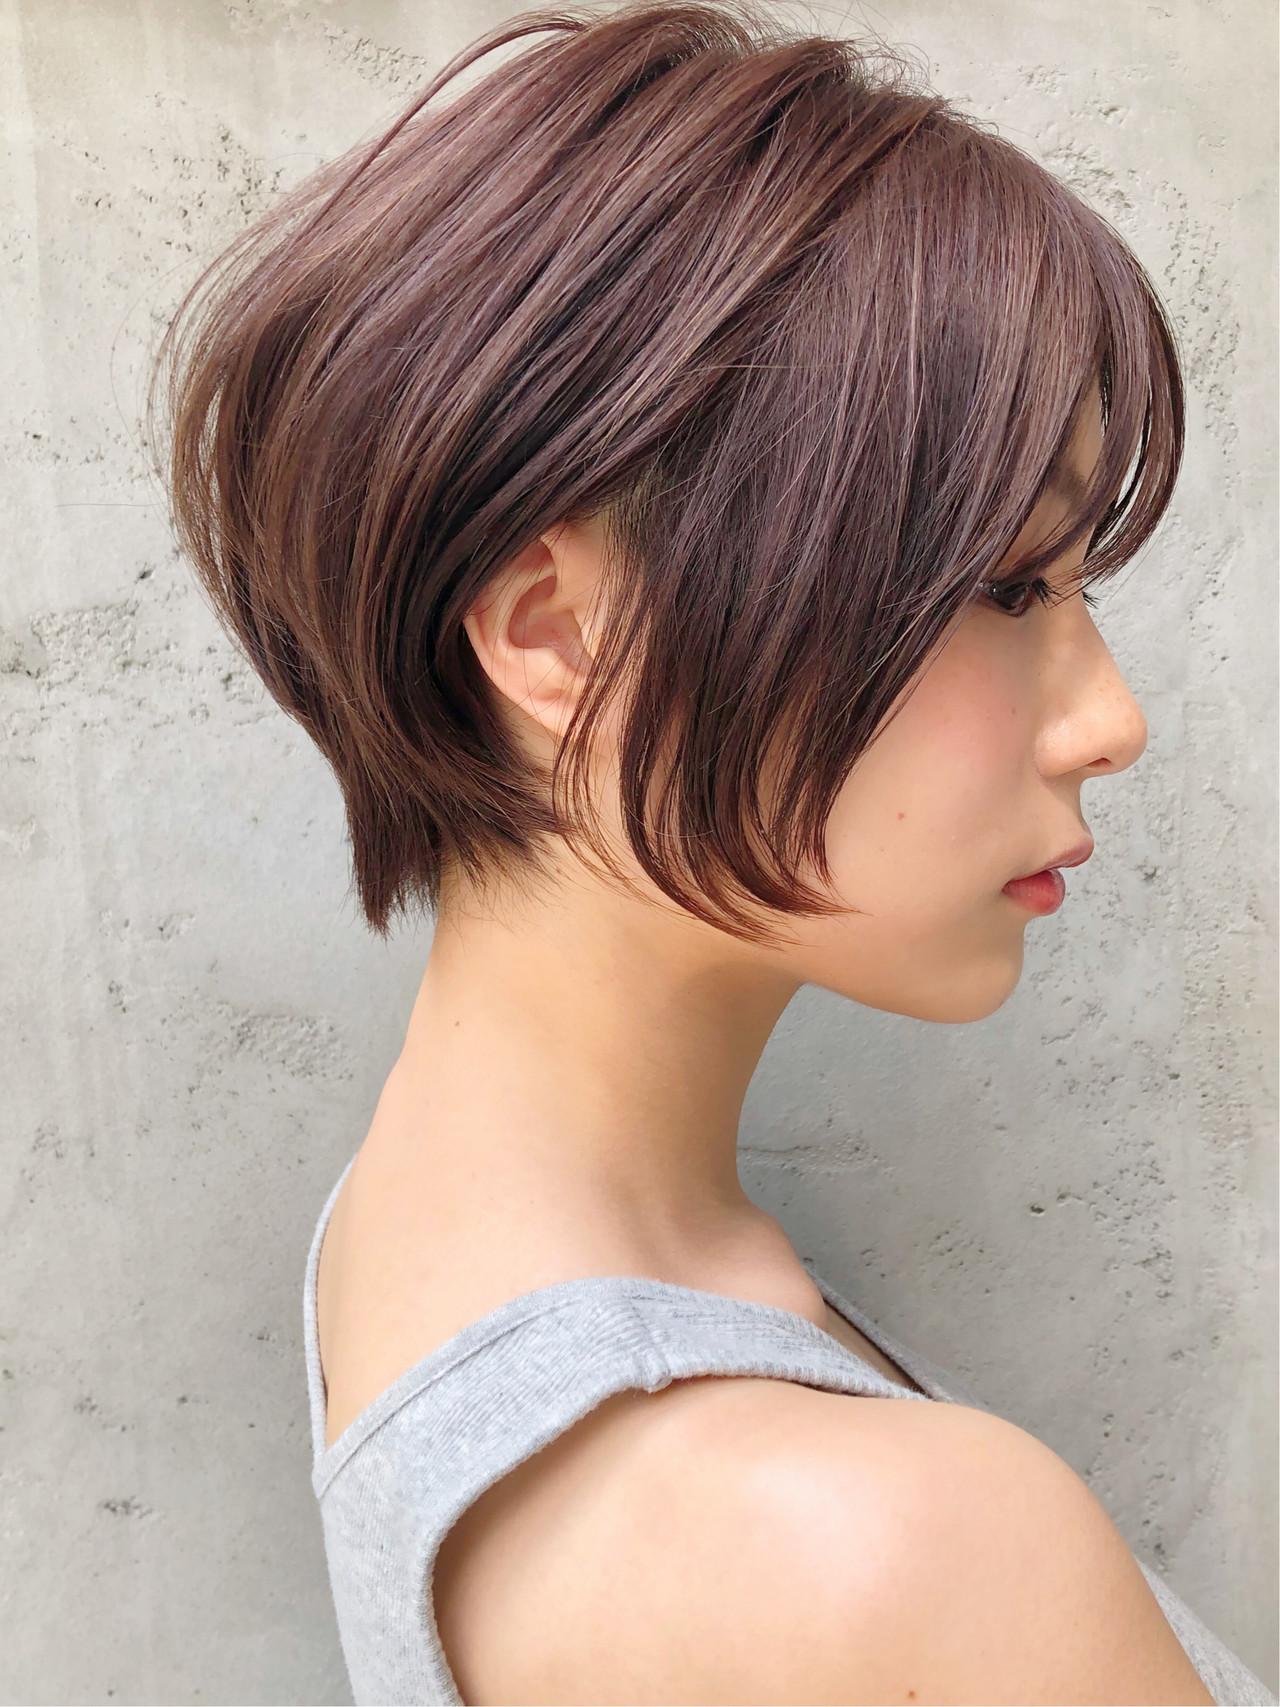 ハンサムショート ショートヘア アンニュイほつれヘア ショート ヘアスタイルや髪型の写真・画像